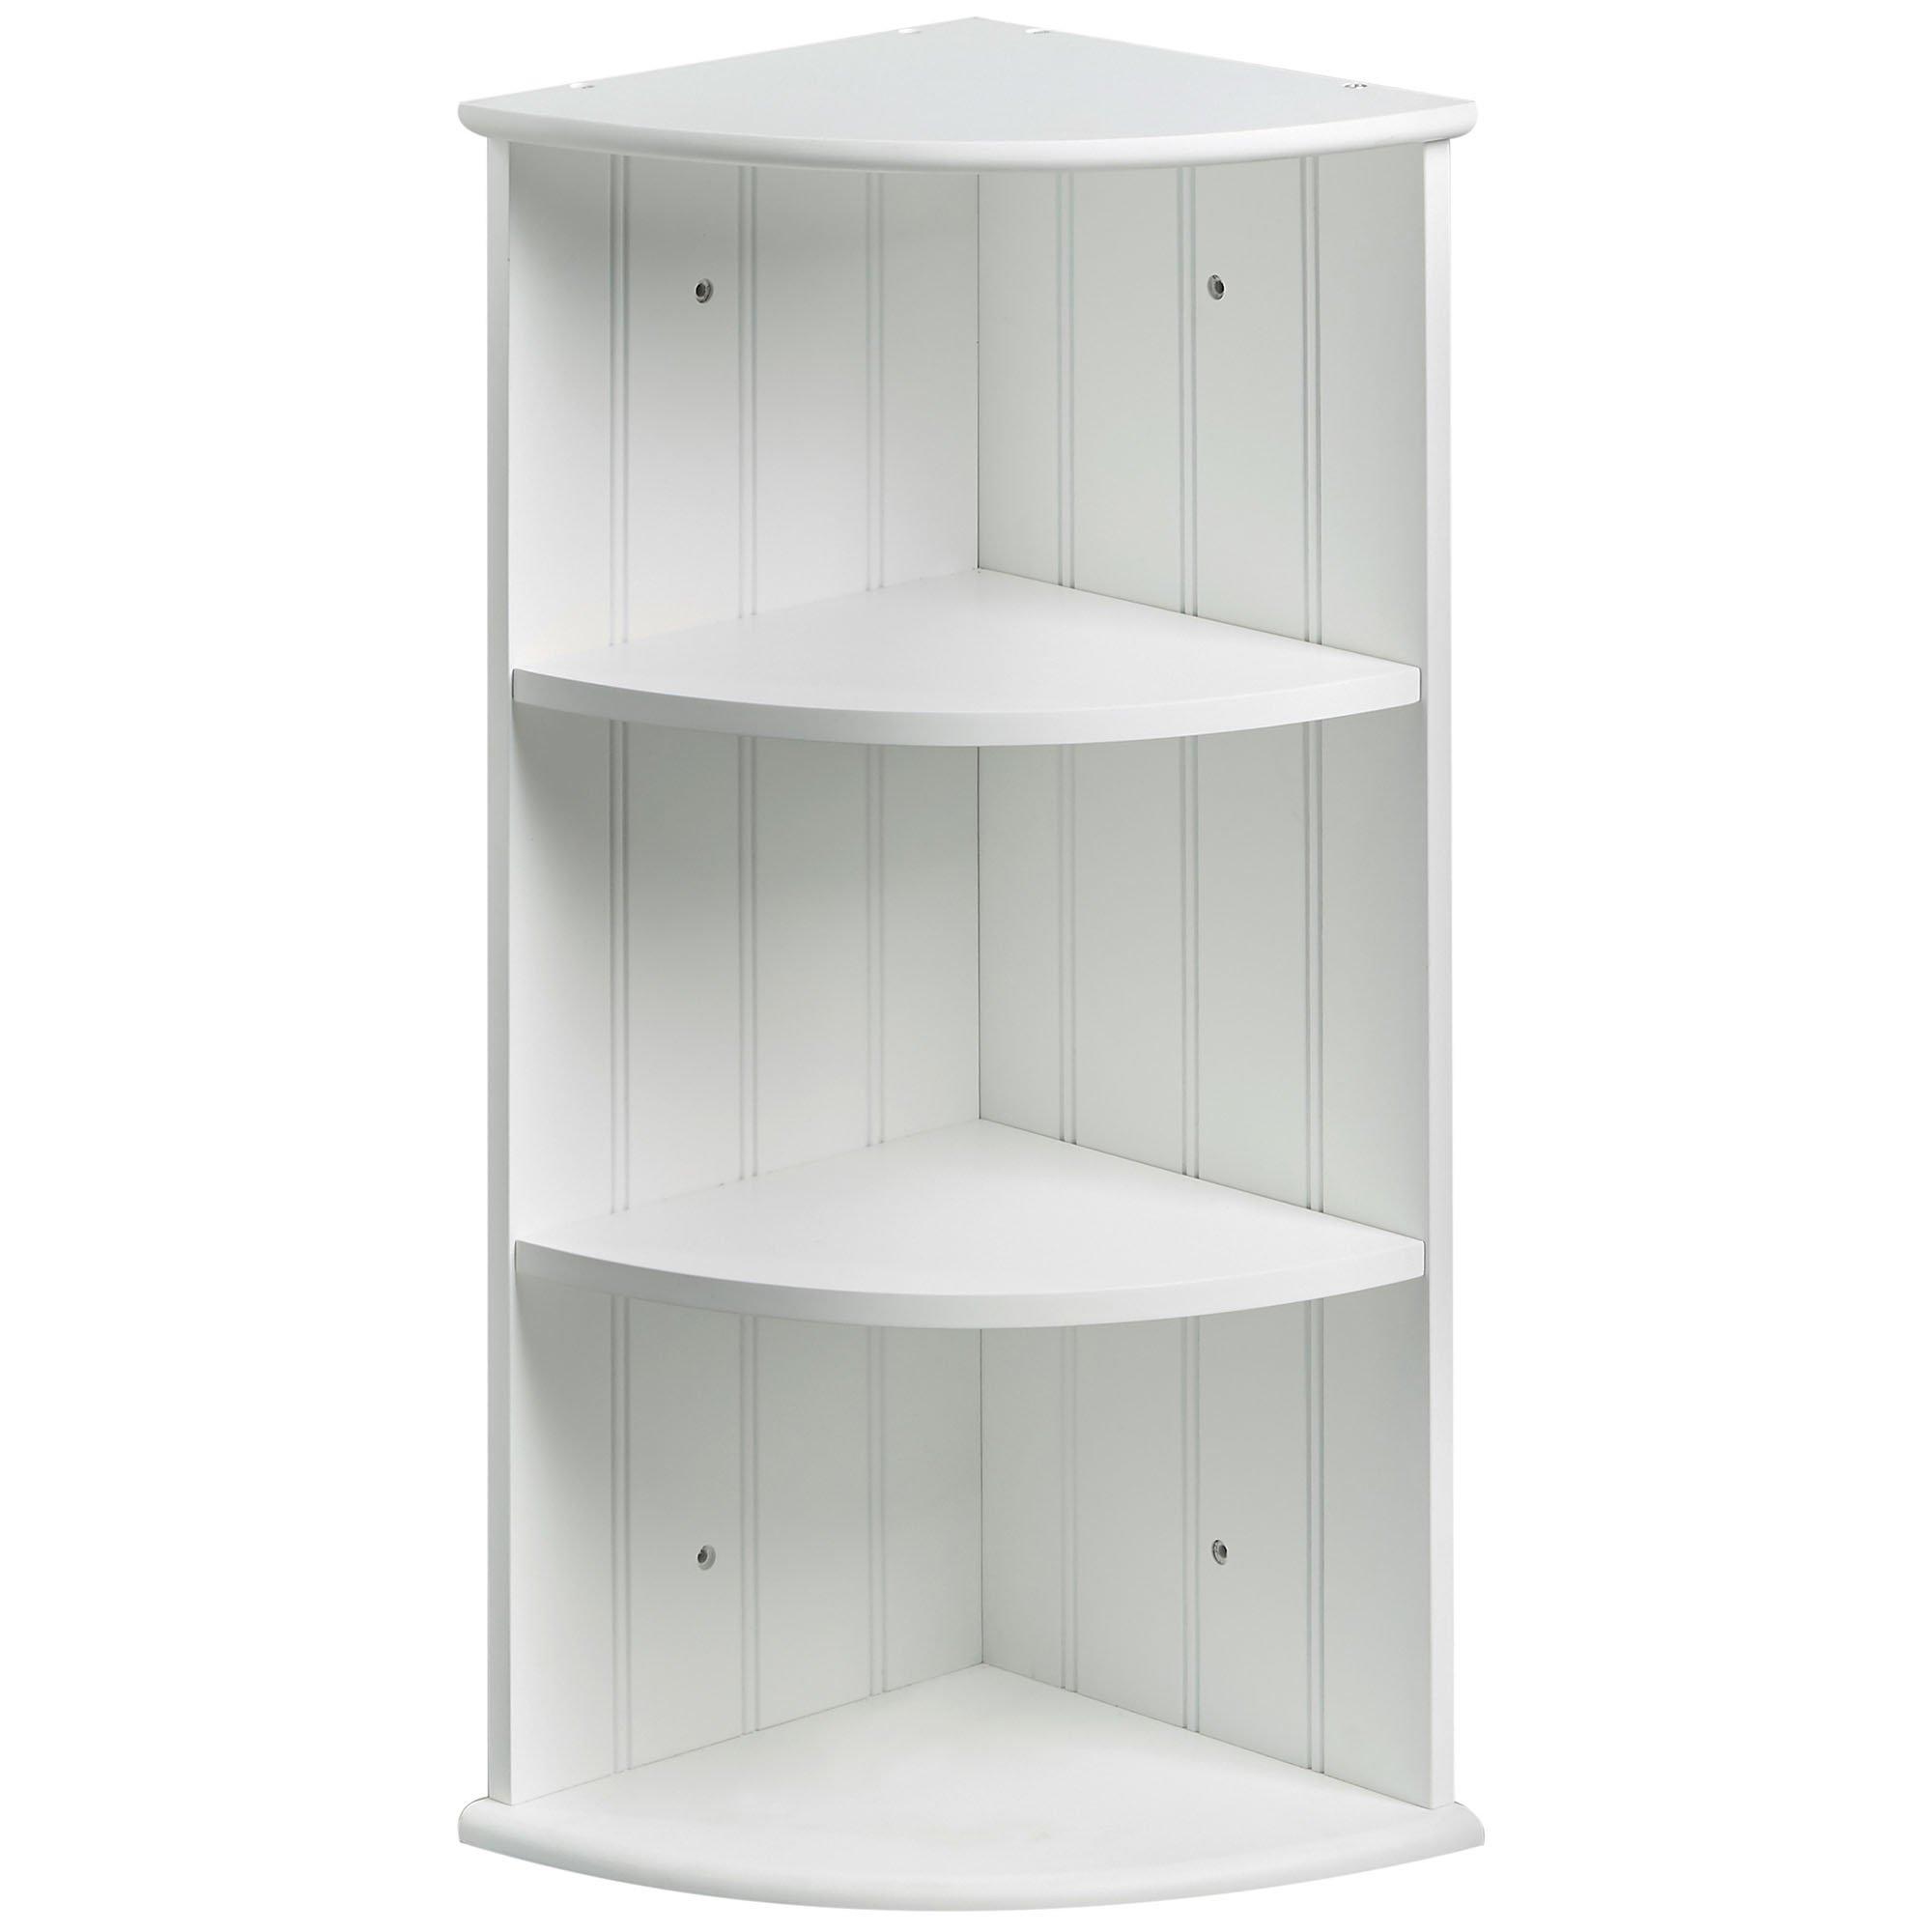 corner shelves unit amazon co uk rh amazon co uk corner unit shelves wood corner tv unit with shelves